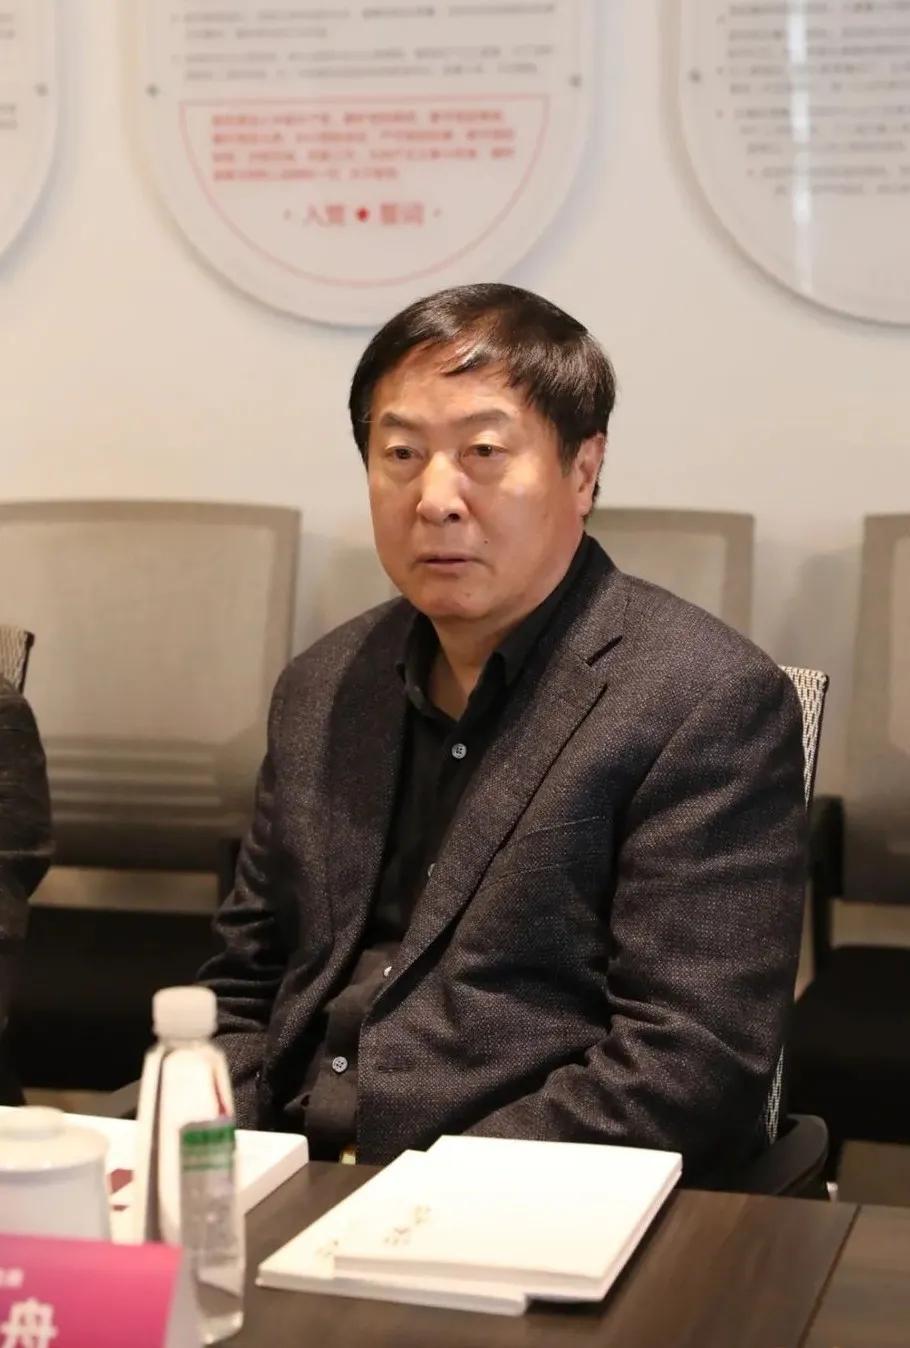 安徽省政協副主席姚玉舟對山水近年來取得的發展成績表示充分肯定